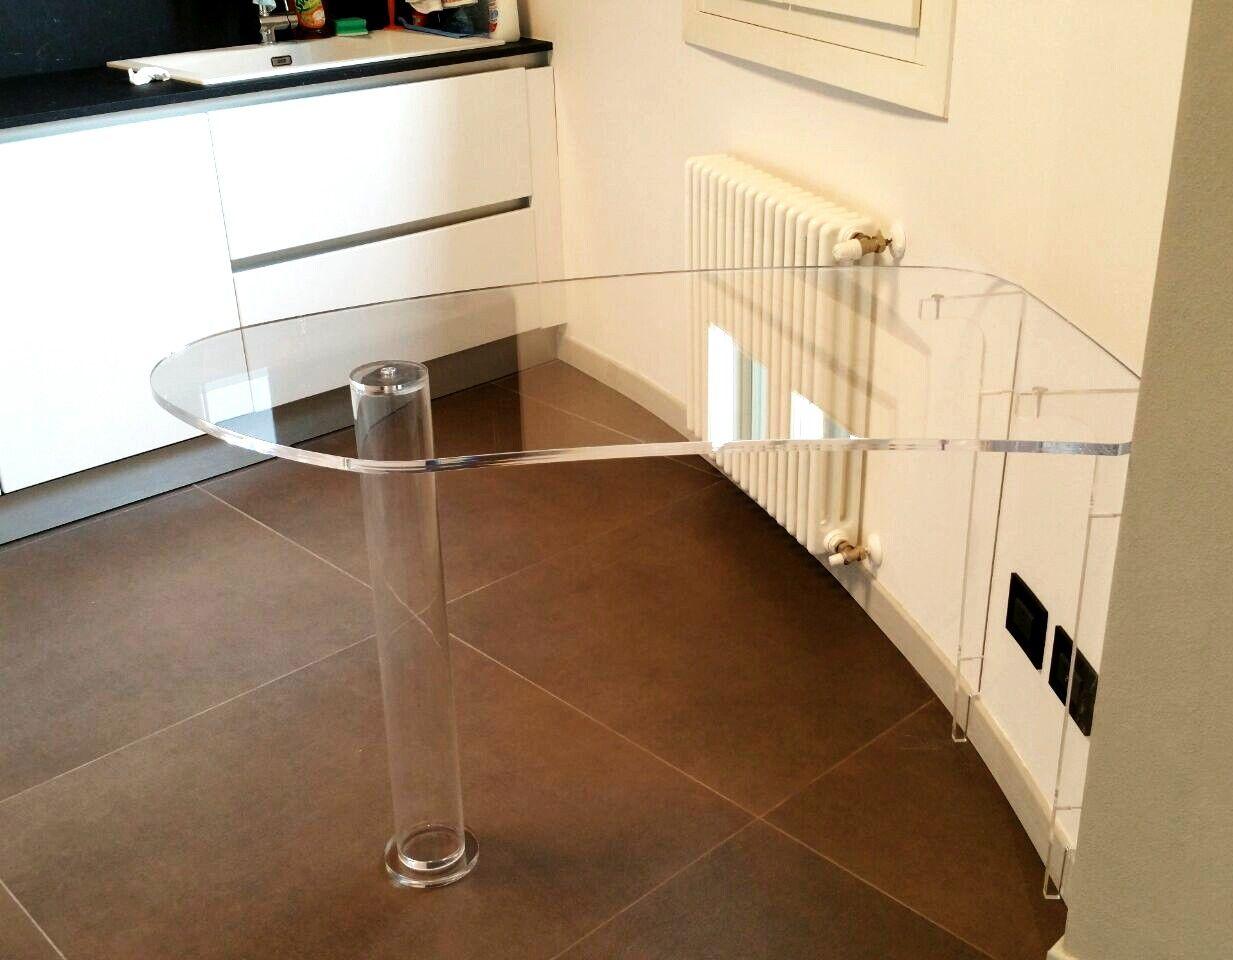 tavolo penisola per cucina di lab145 realizzato su misura per